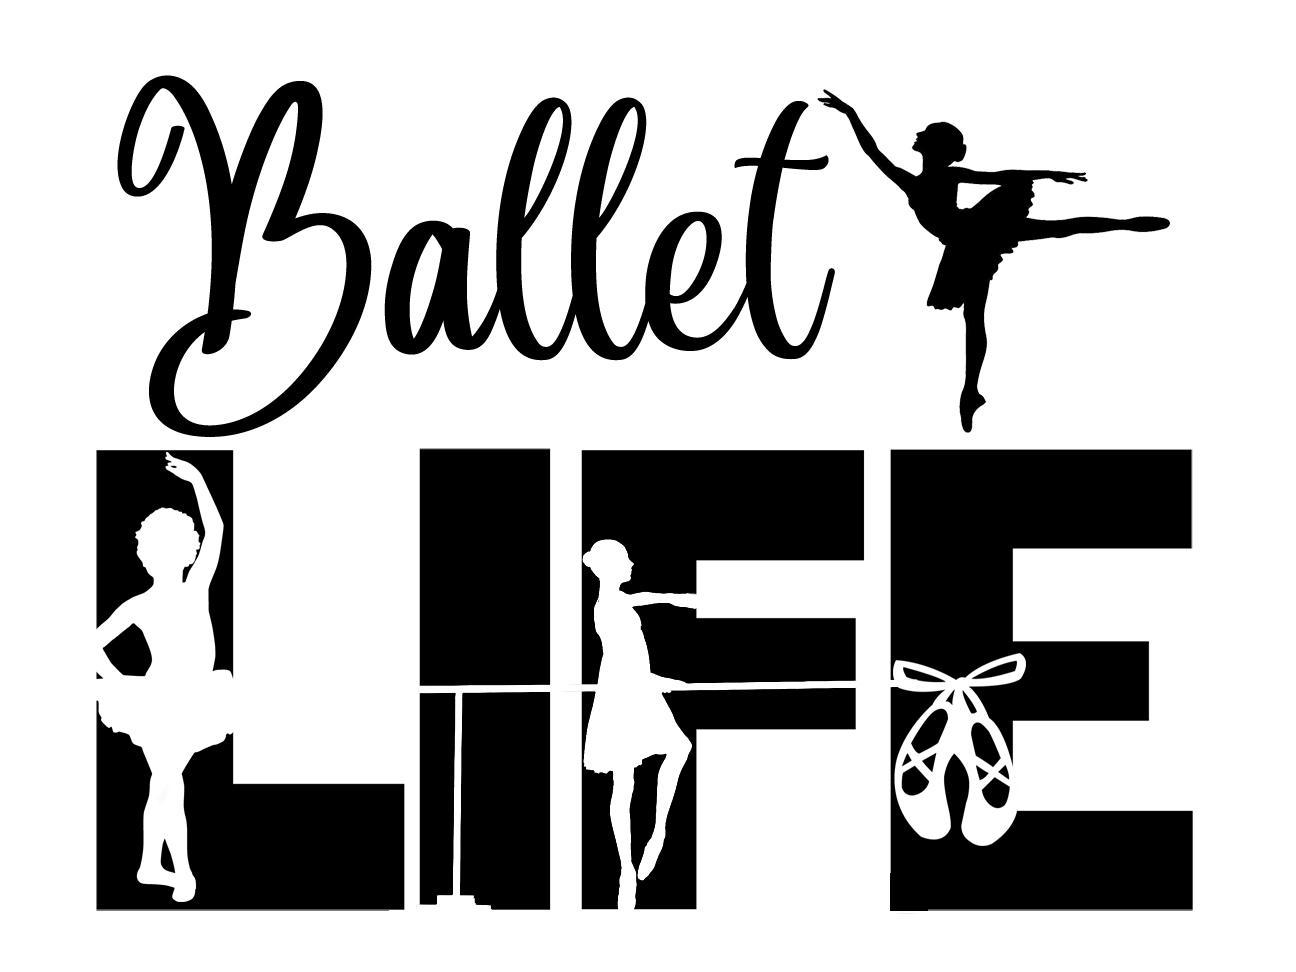 Free Ballet LIFE SVG File